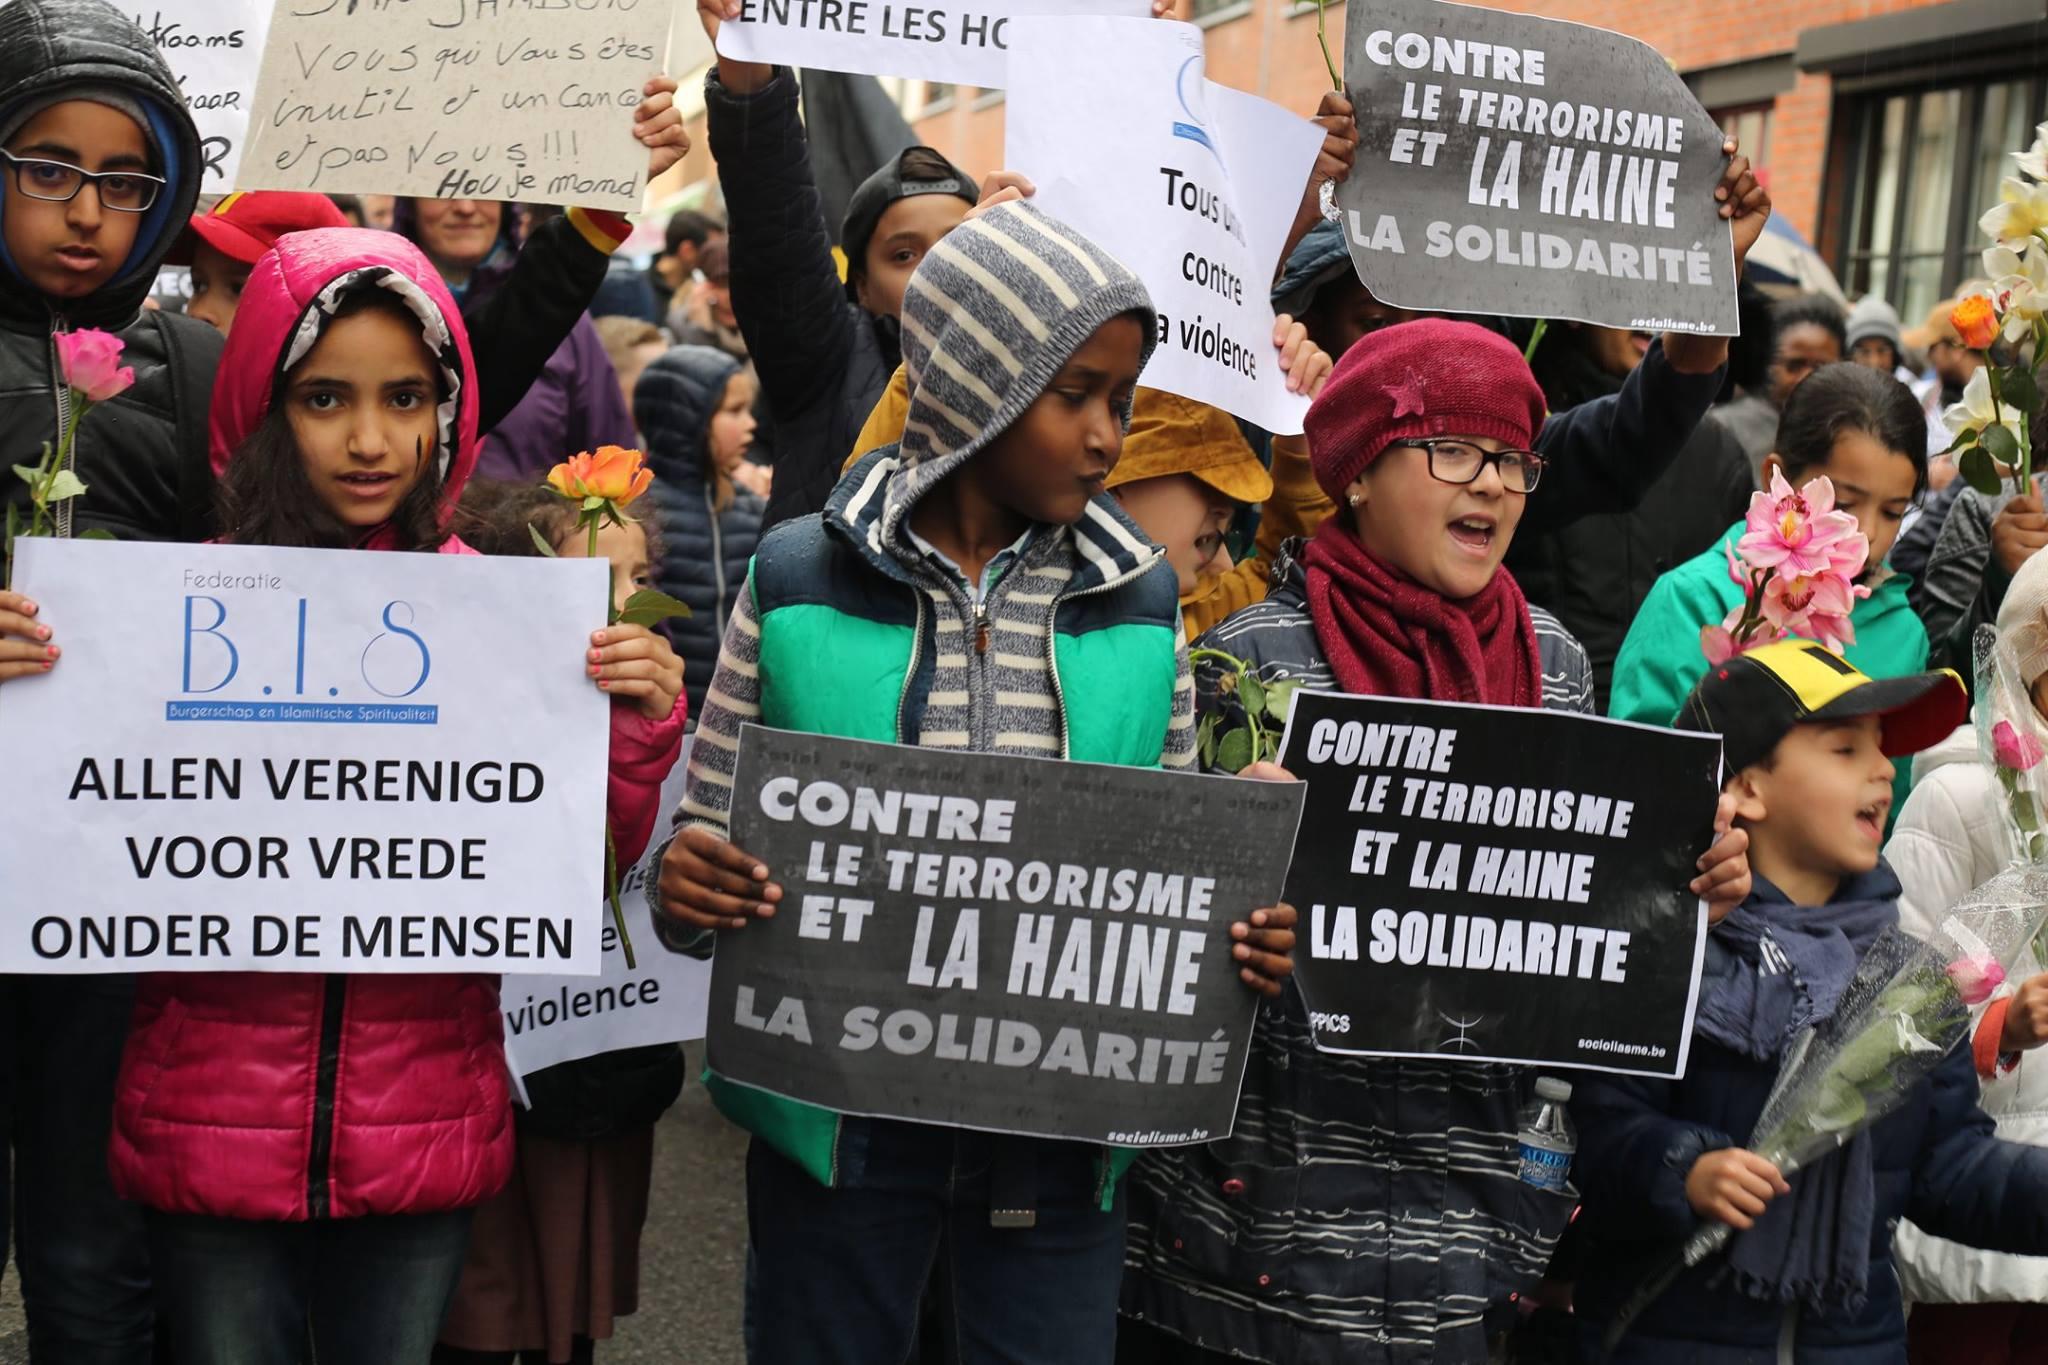 Grote mars tegen terreur en haat